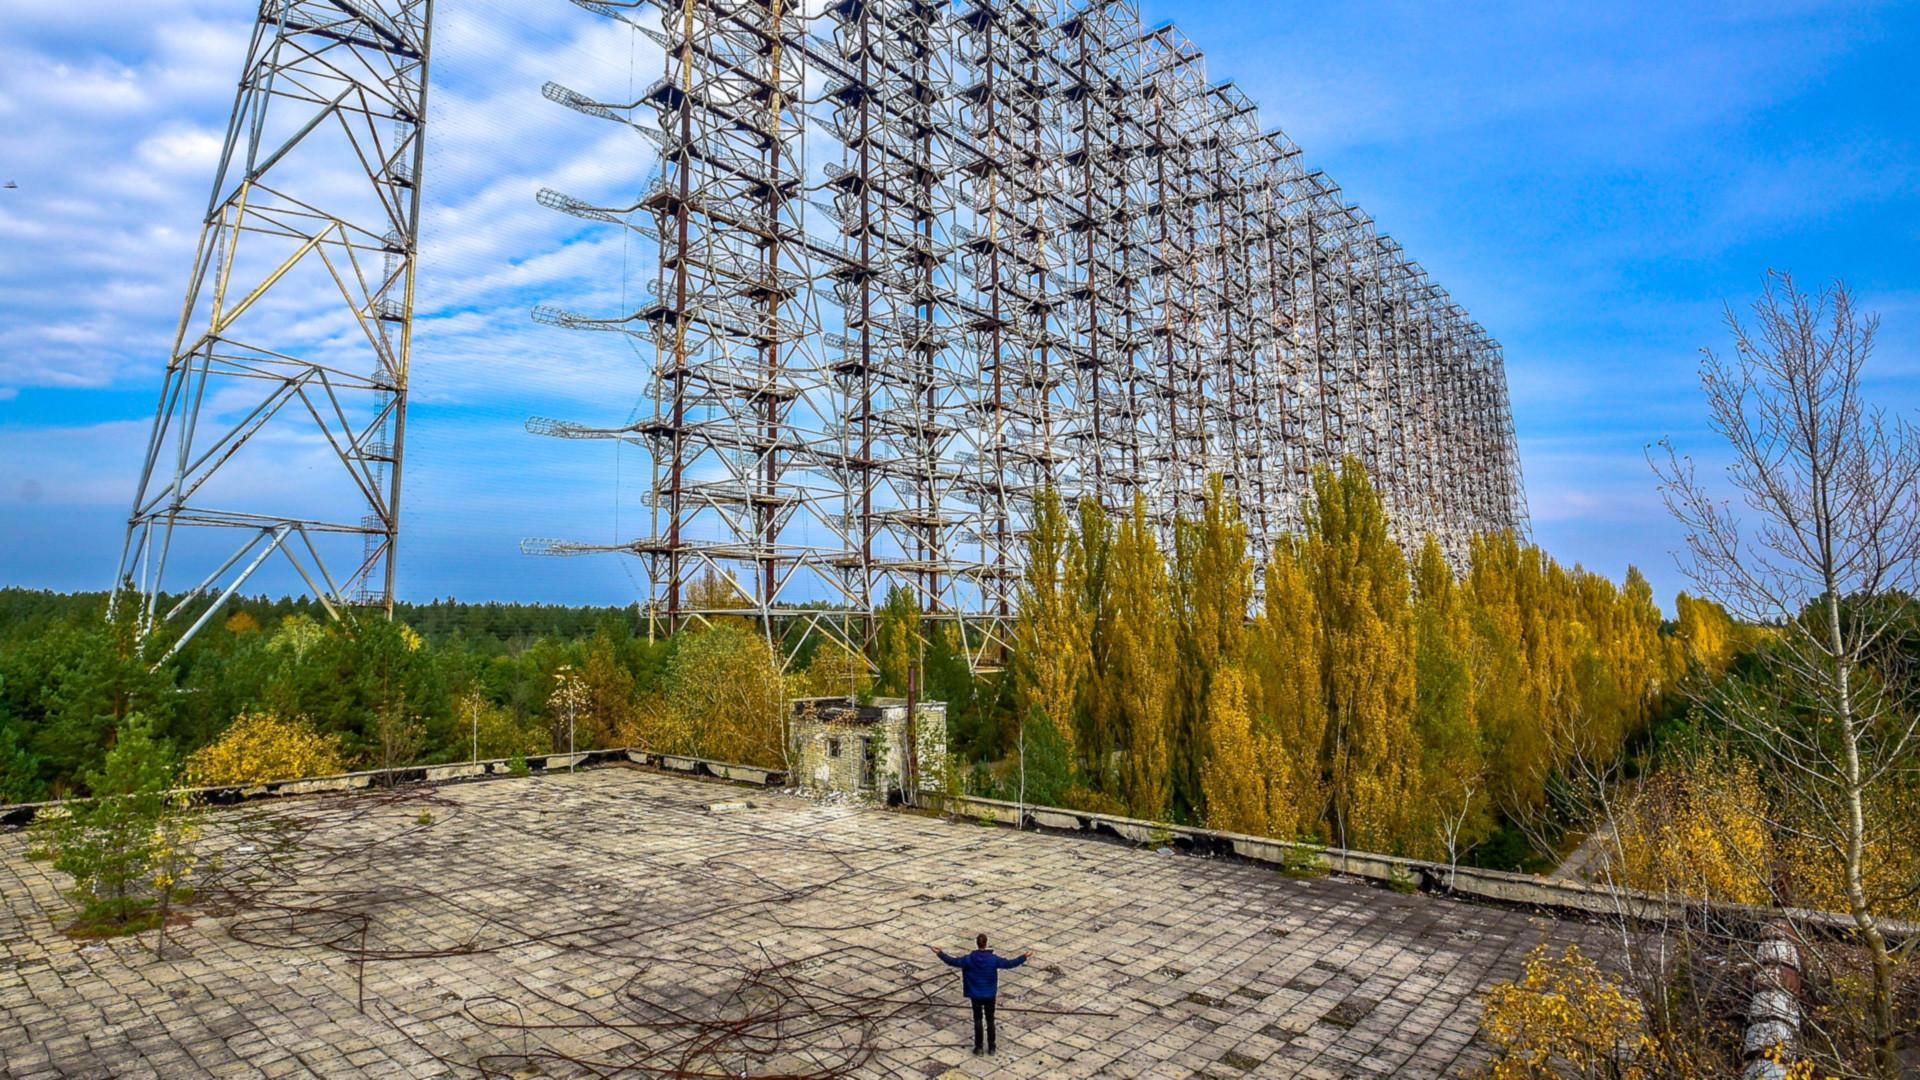 """Бивши војни радарски систем """"Дуга"""" у Чернобиљској зони отуђења, Украјина."""